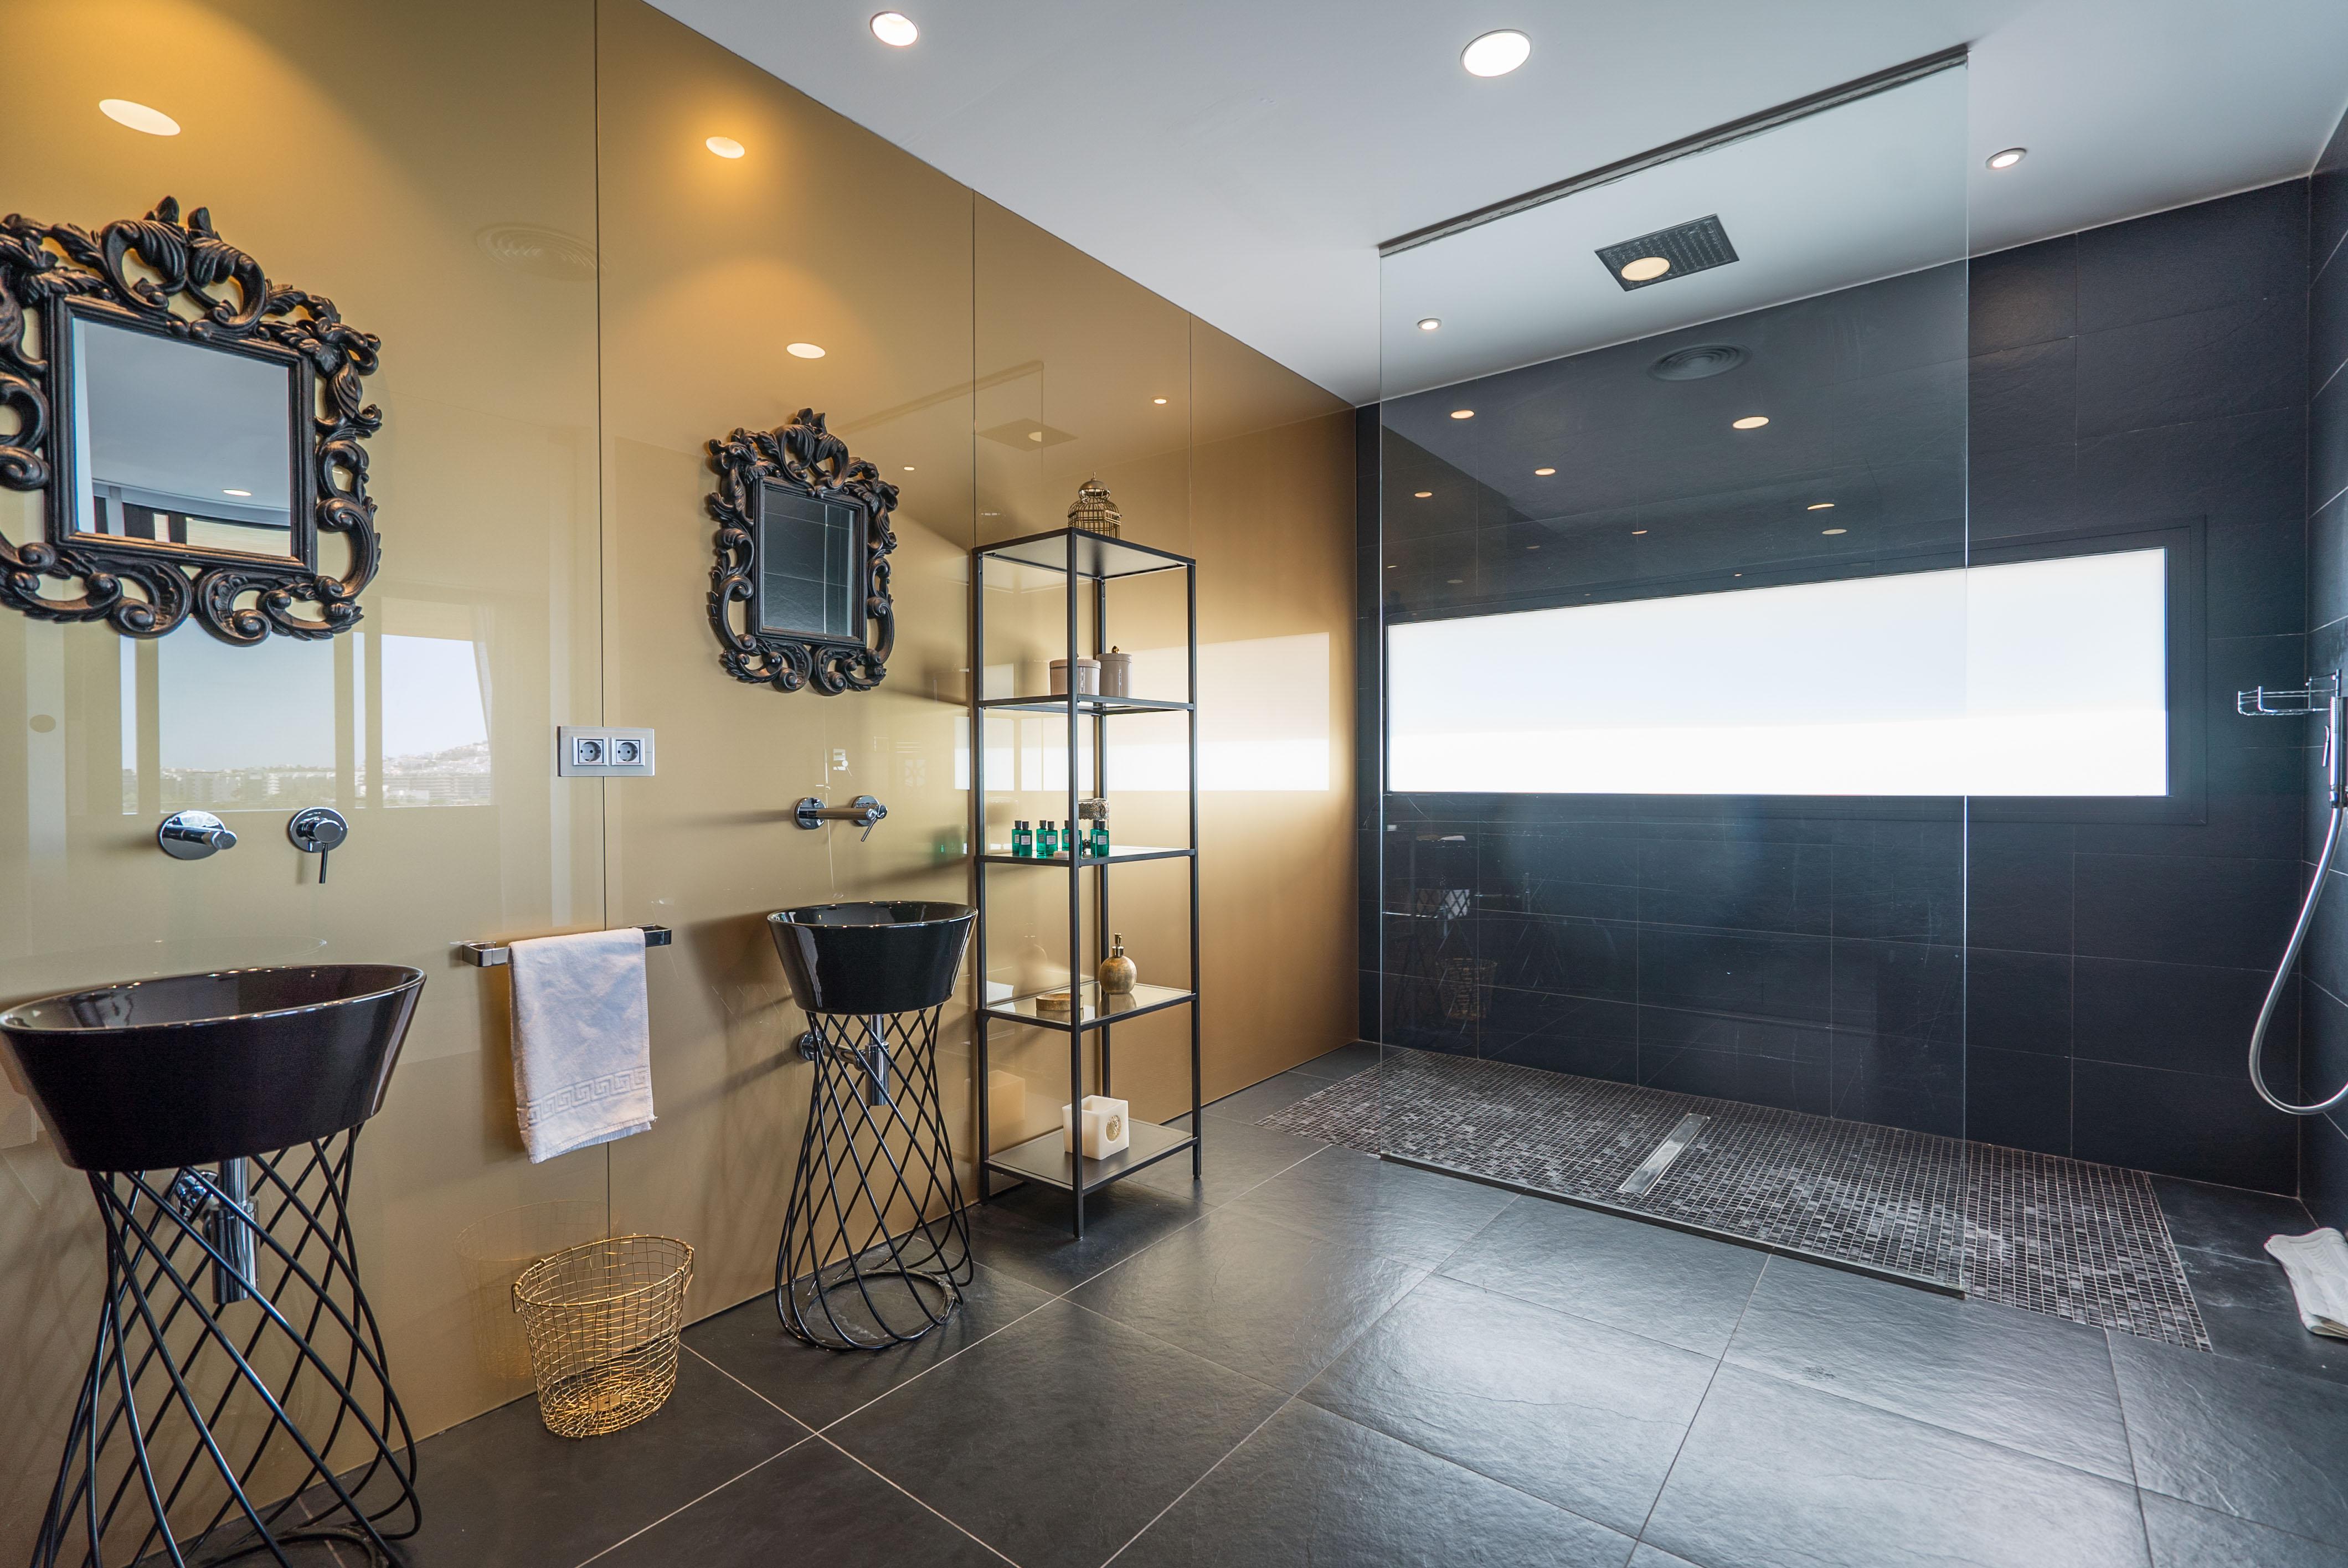 VILLA VALERIA - Master Suite Bathroom (1)